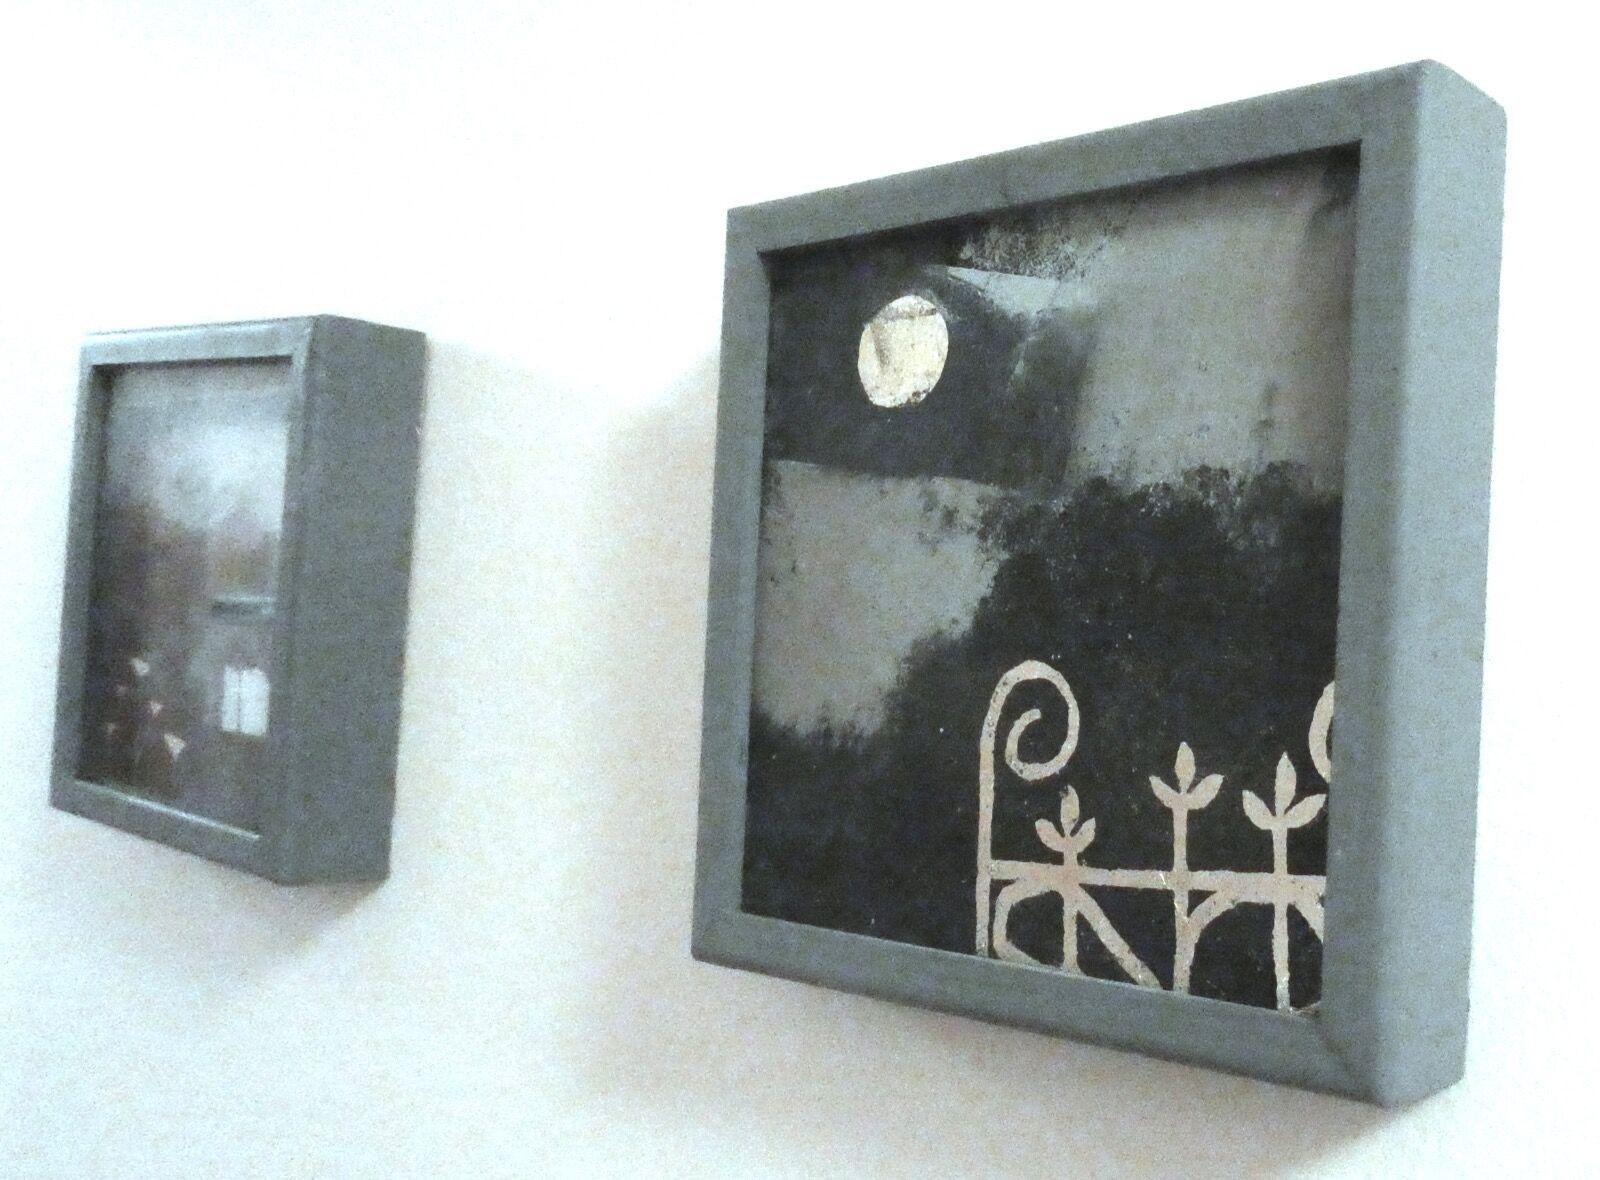 An ordinary frame.